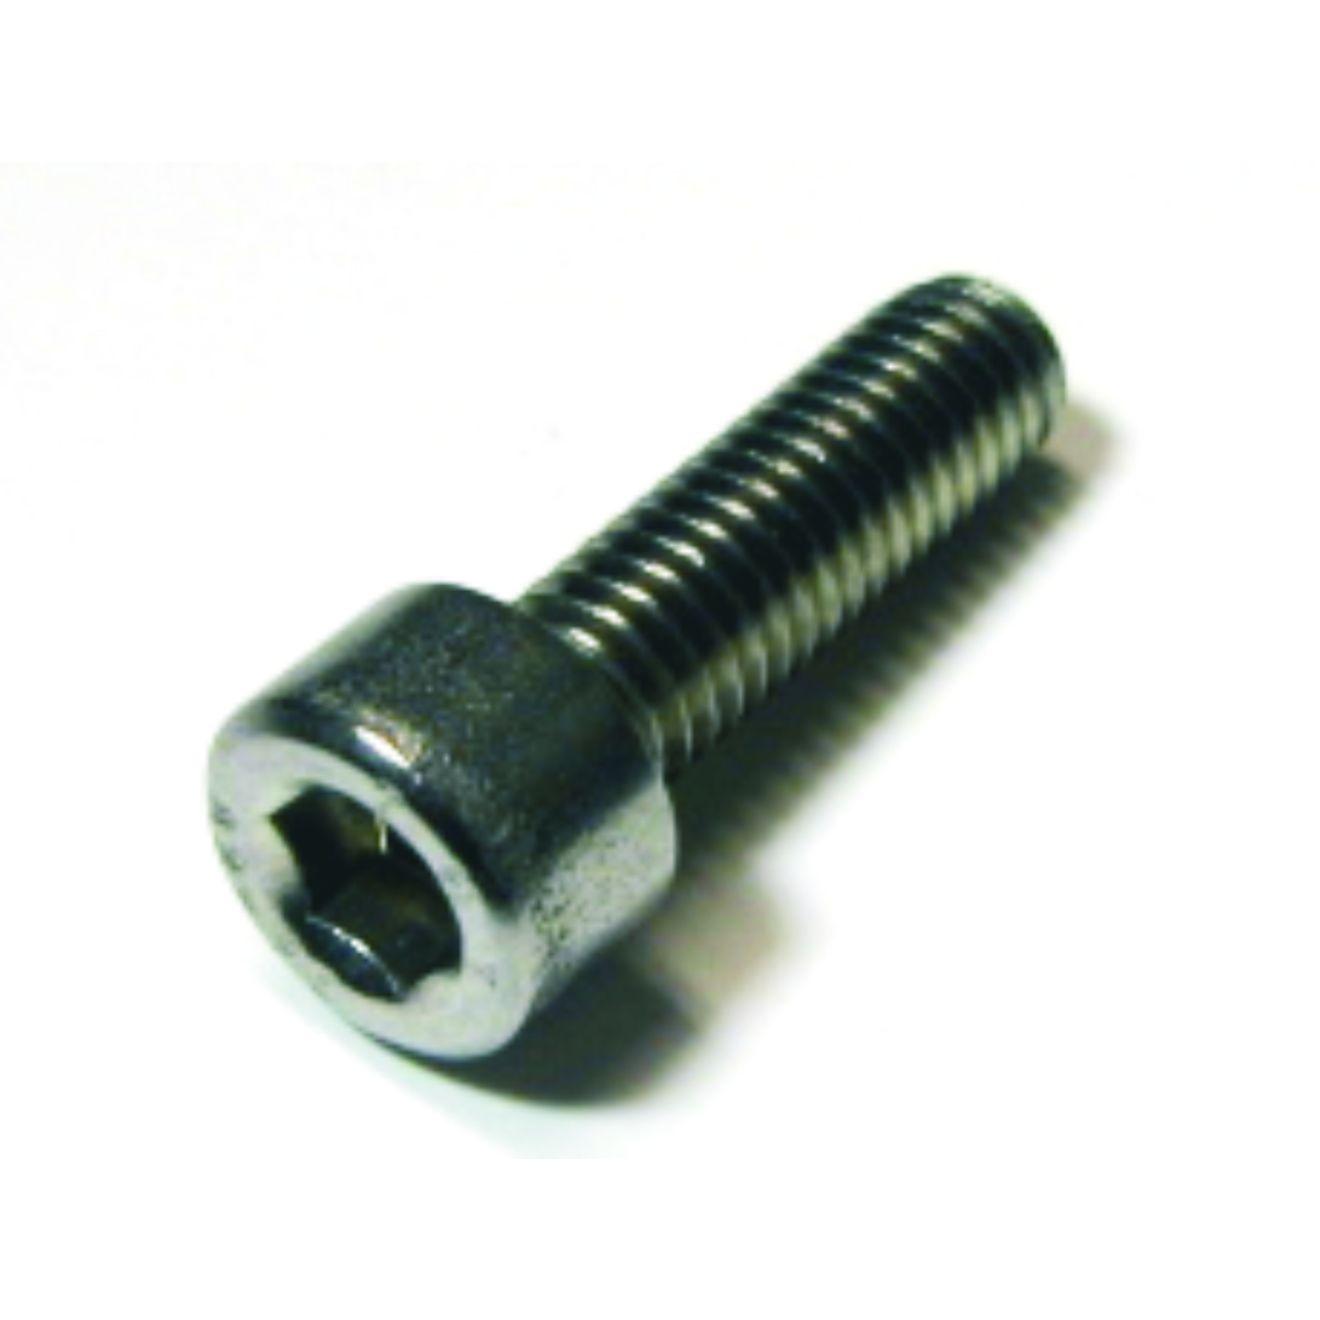 Zylinderschrauben Stahl verzinkt Innensechskant metrisch 8.8 DIN912 M3 M36,